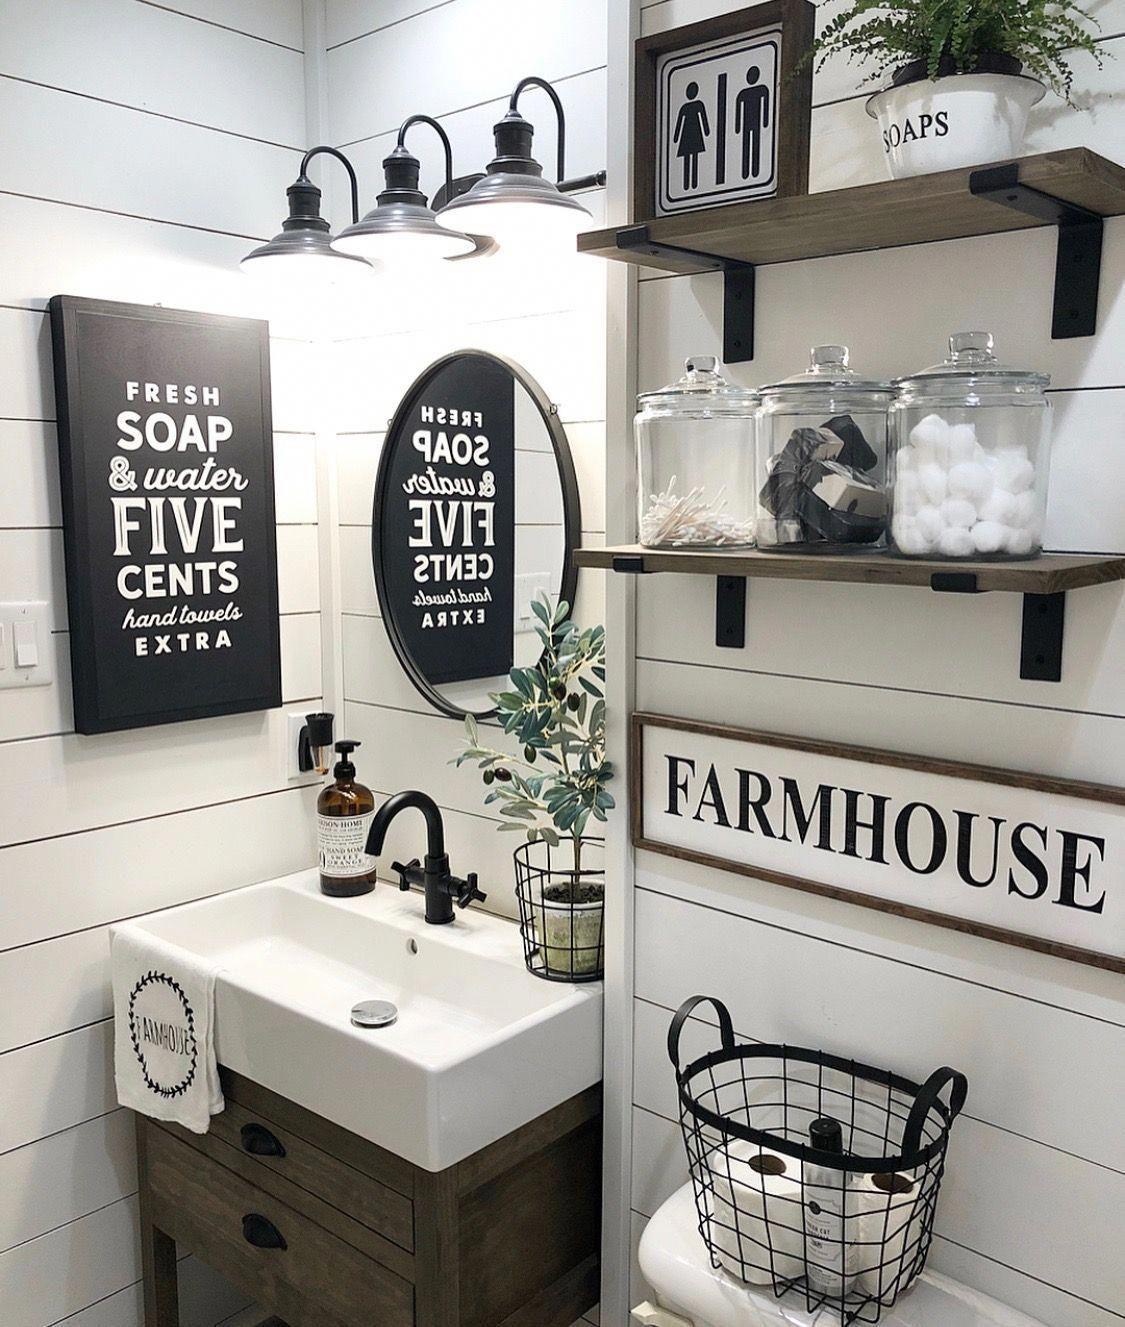 Decorating Ideas Above Toilet Decoratingideas Bathroom Farmhouse Style Small Bathroom Decor Farmhouse Bathroom Decor